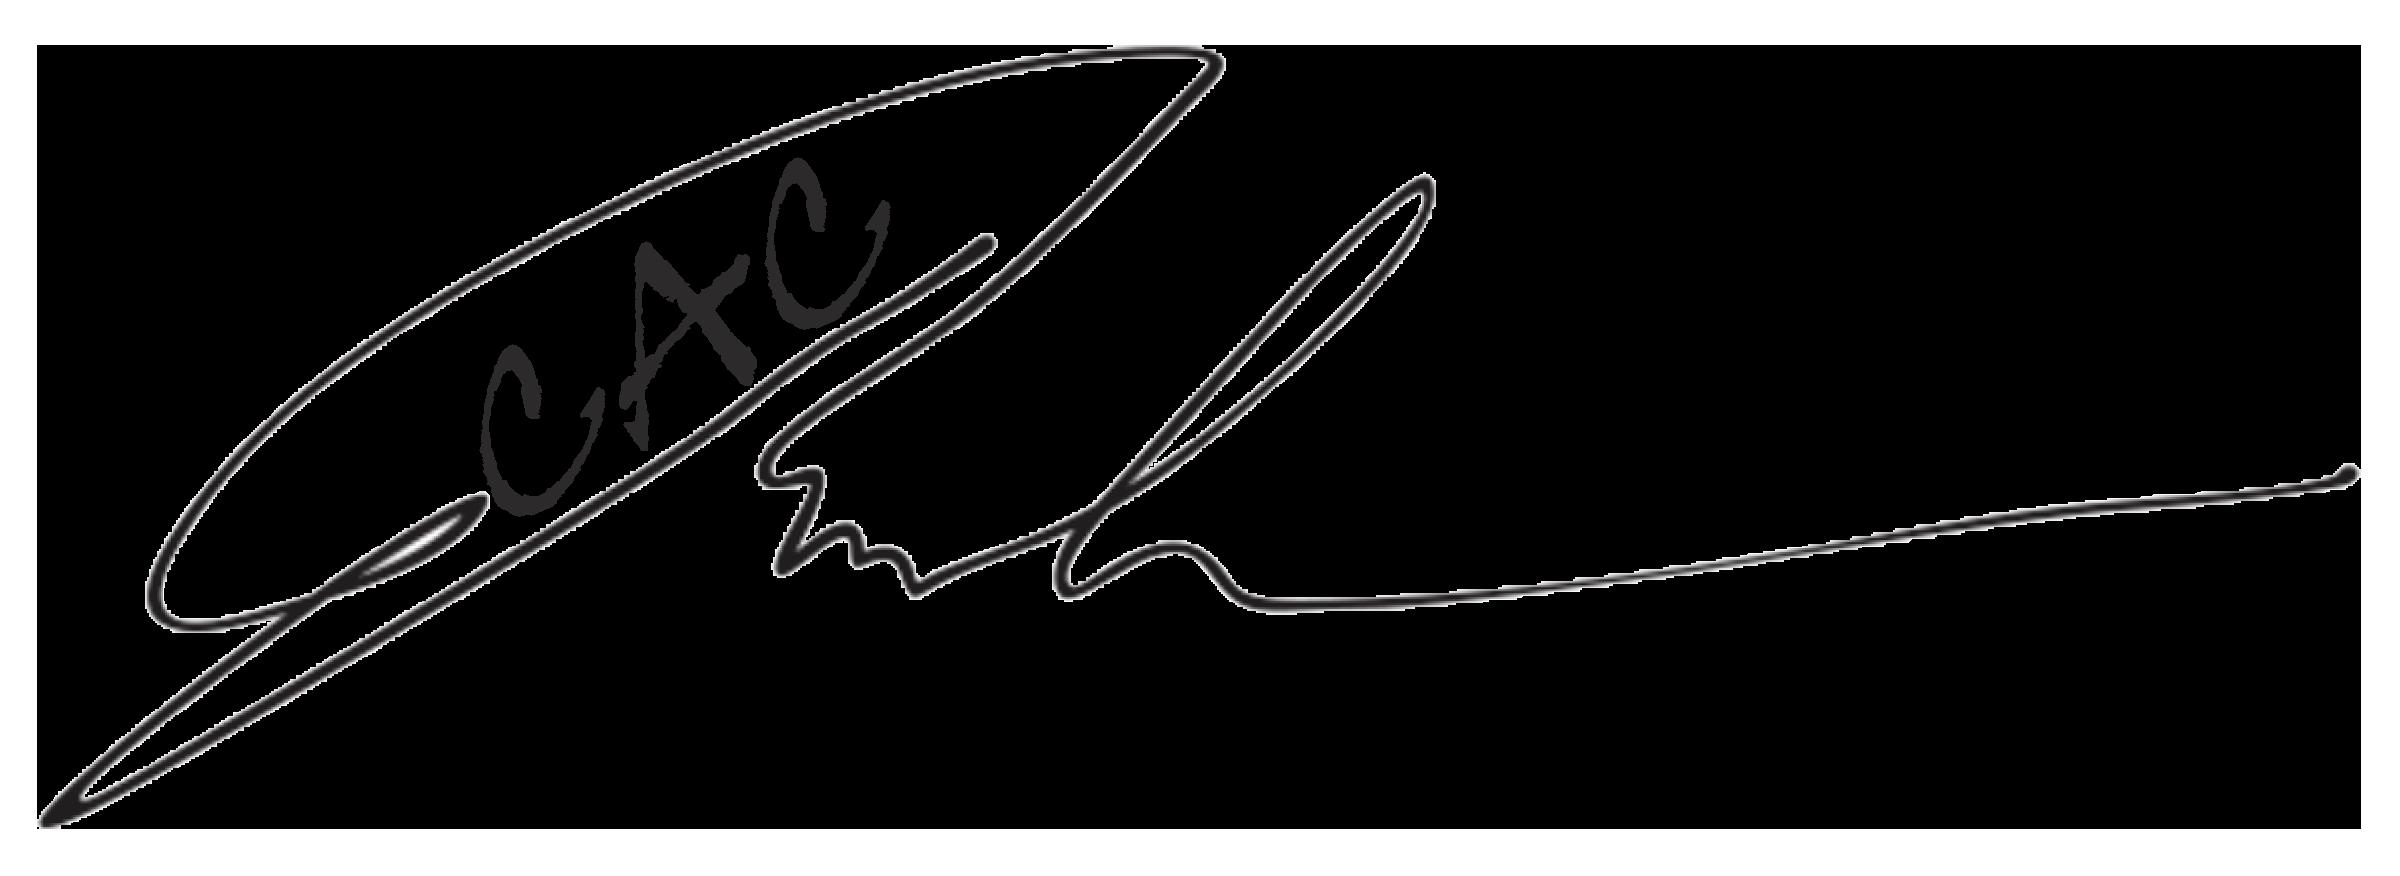 signature cacsignature